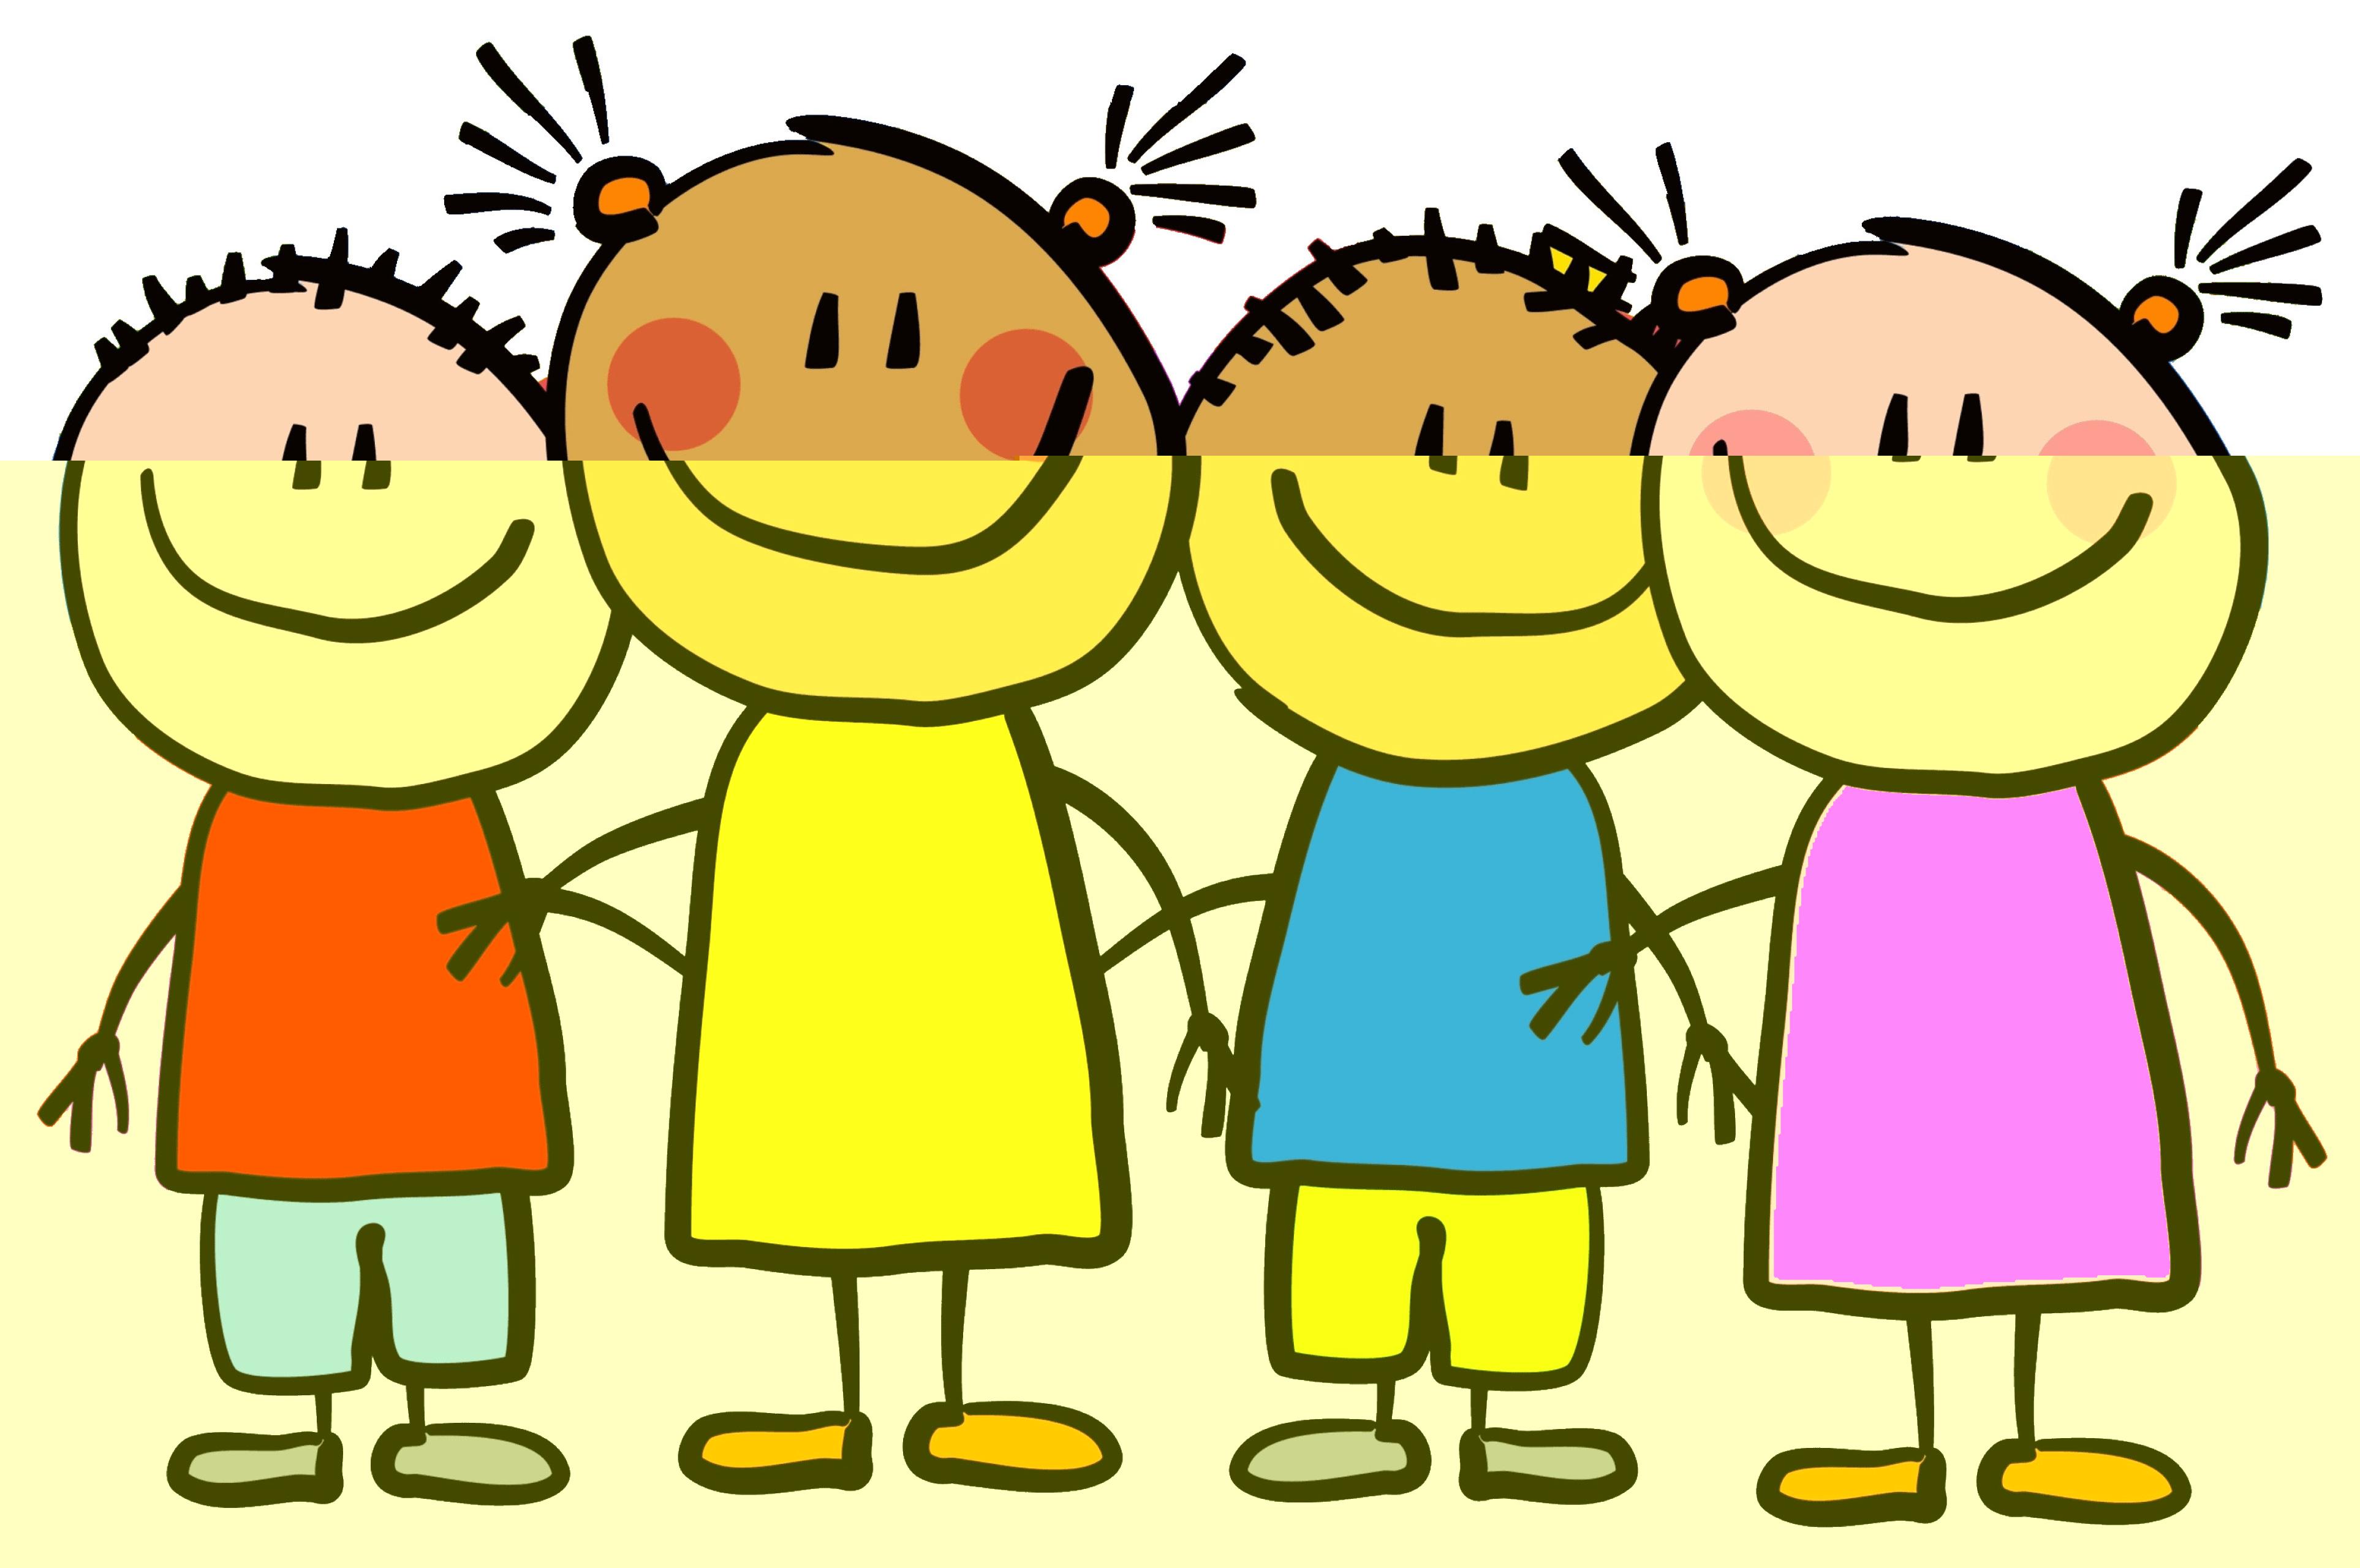 Aunt clipart parents group. Uncategorized archives page of